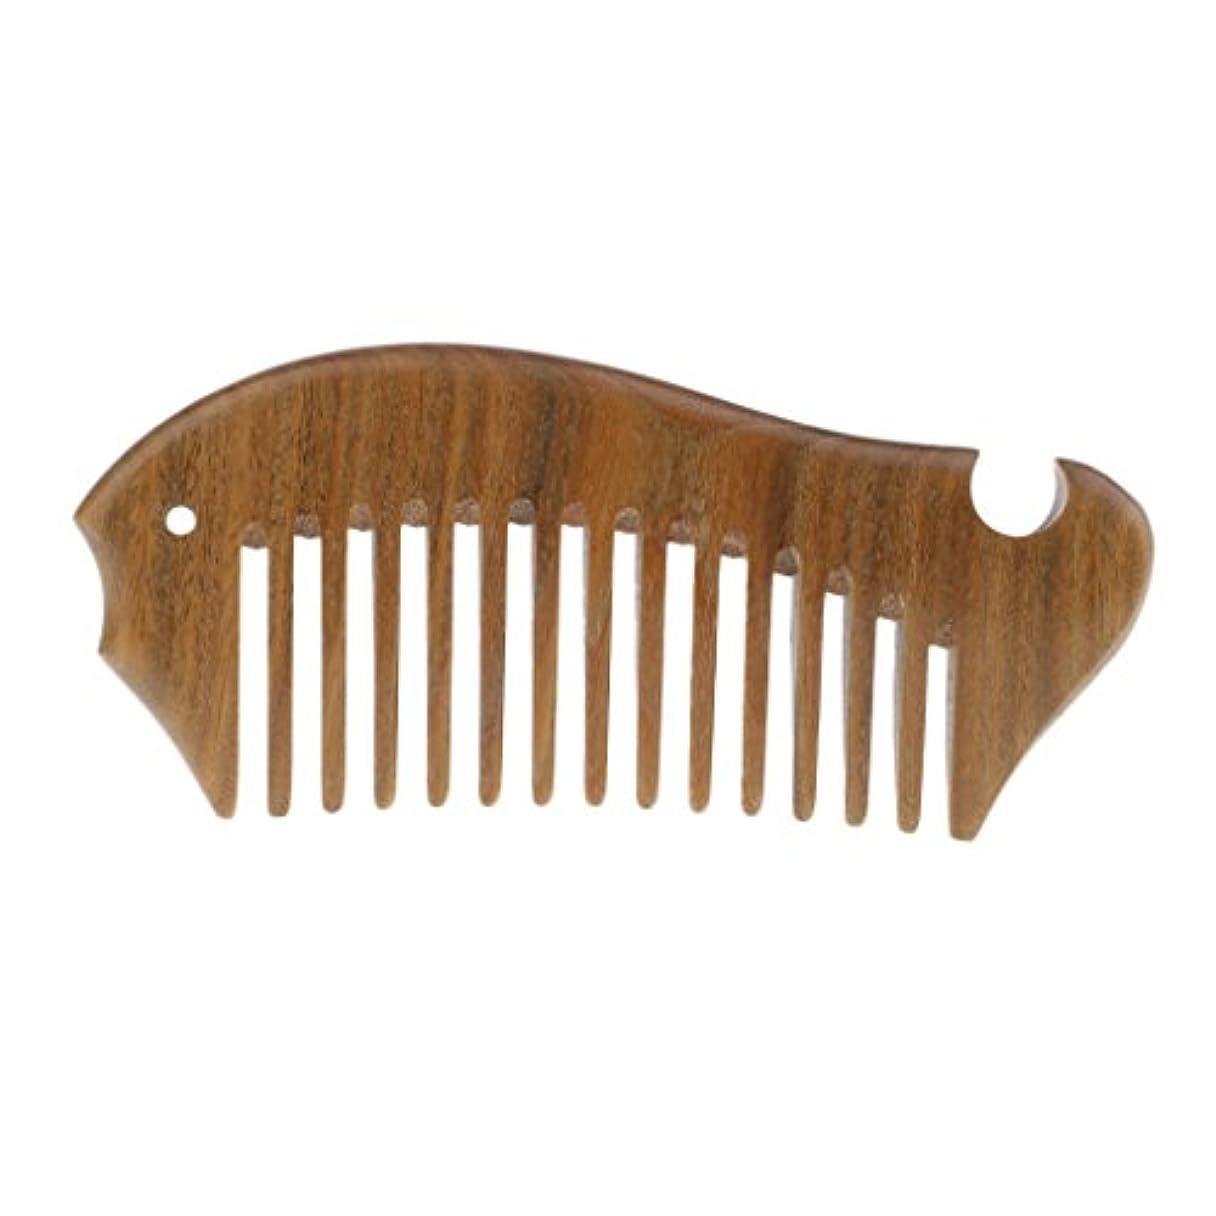 火炎収容するサポートgazechimp 木製櫛 帯電防止櫛 ヘアコーム 頭皮 ケア マッサージ